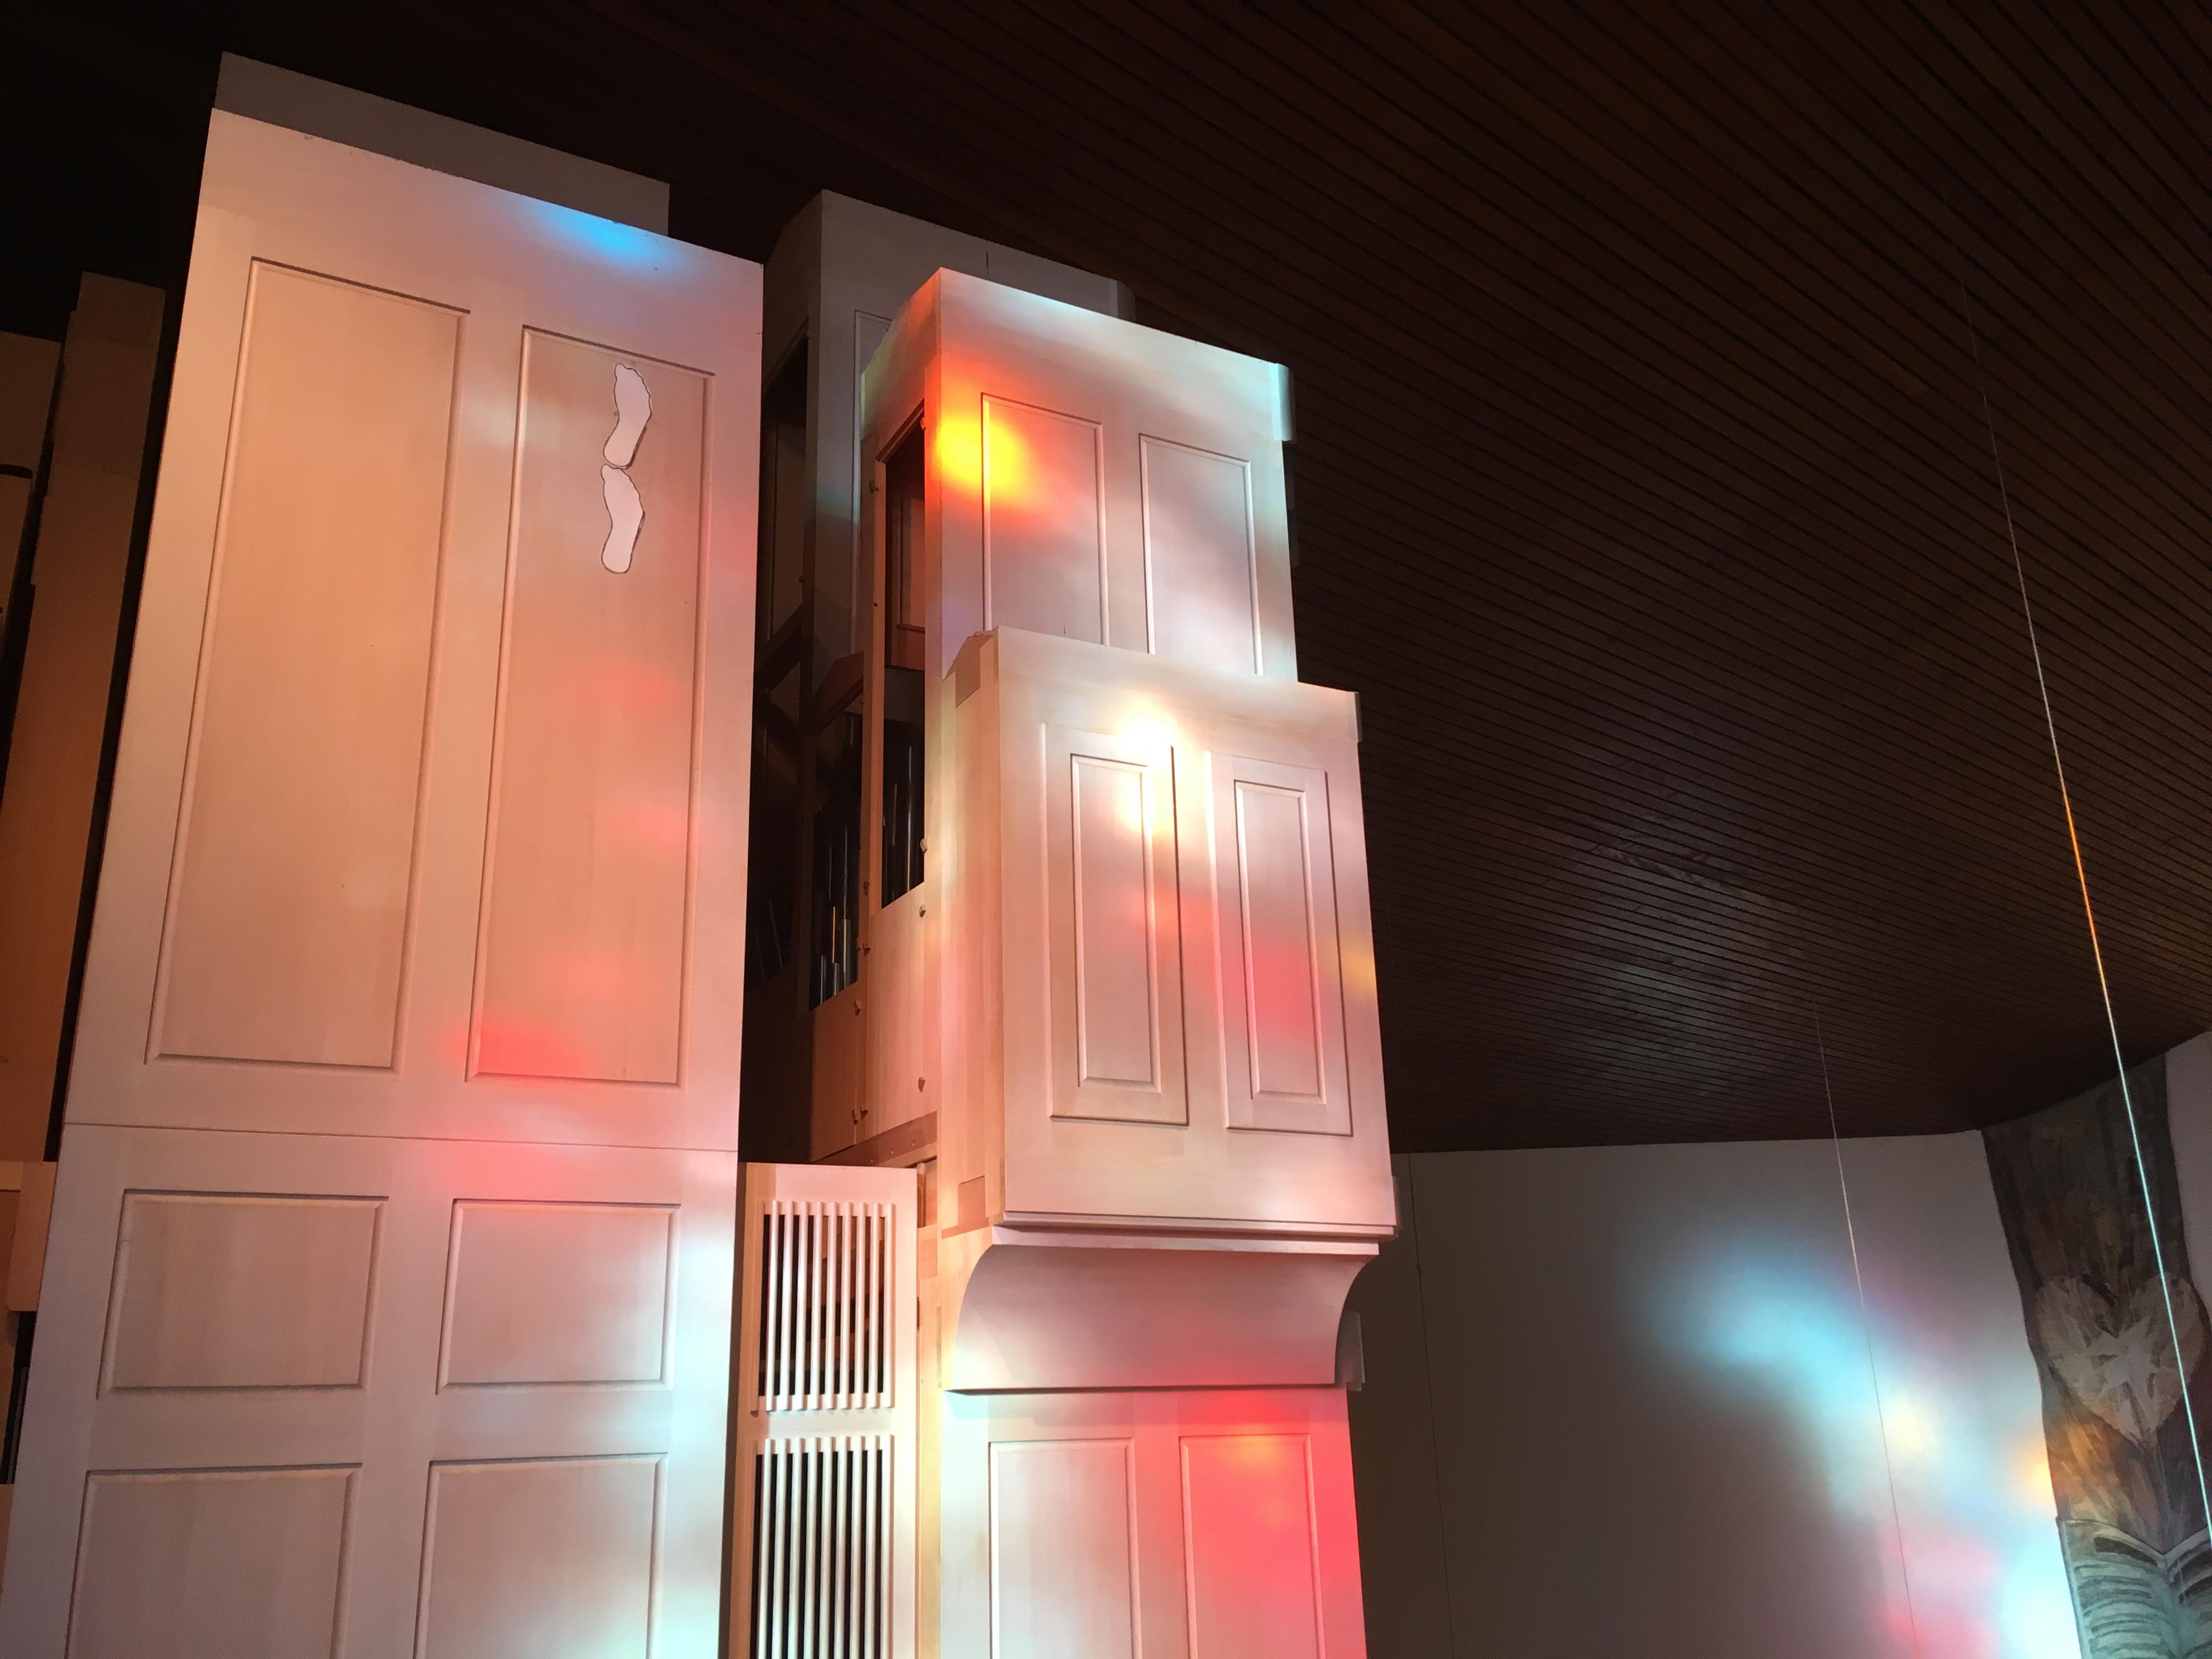 Backnang, Orgel in der Christkönigkirche, Foto: Reiner Schulte